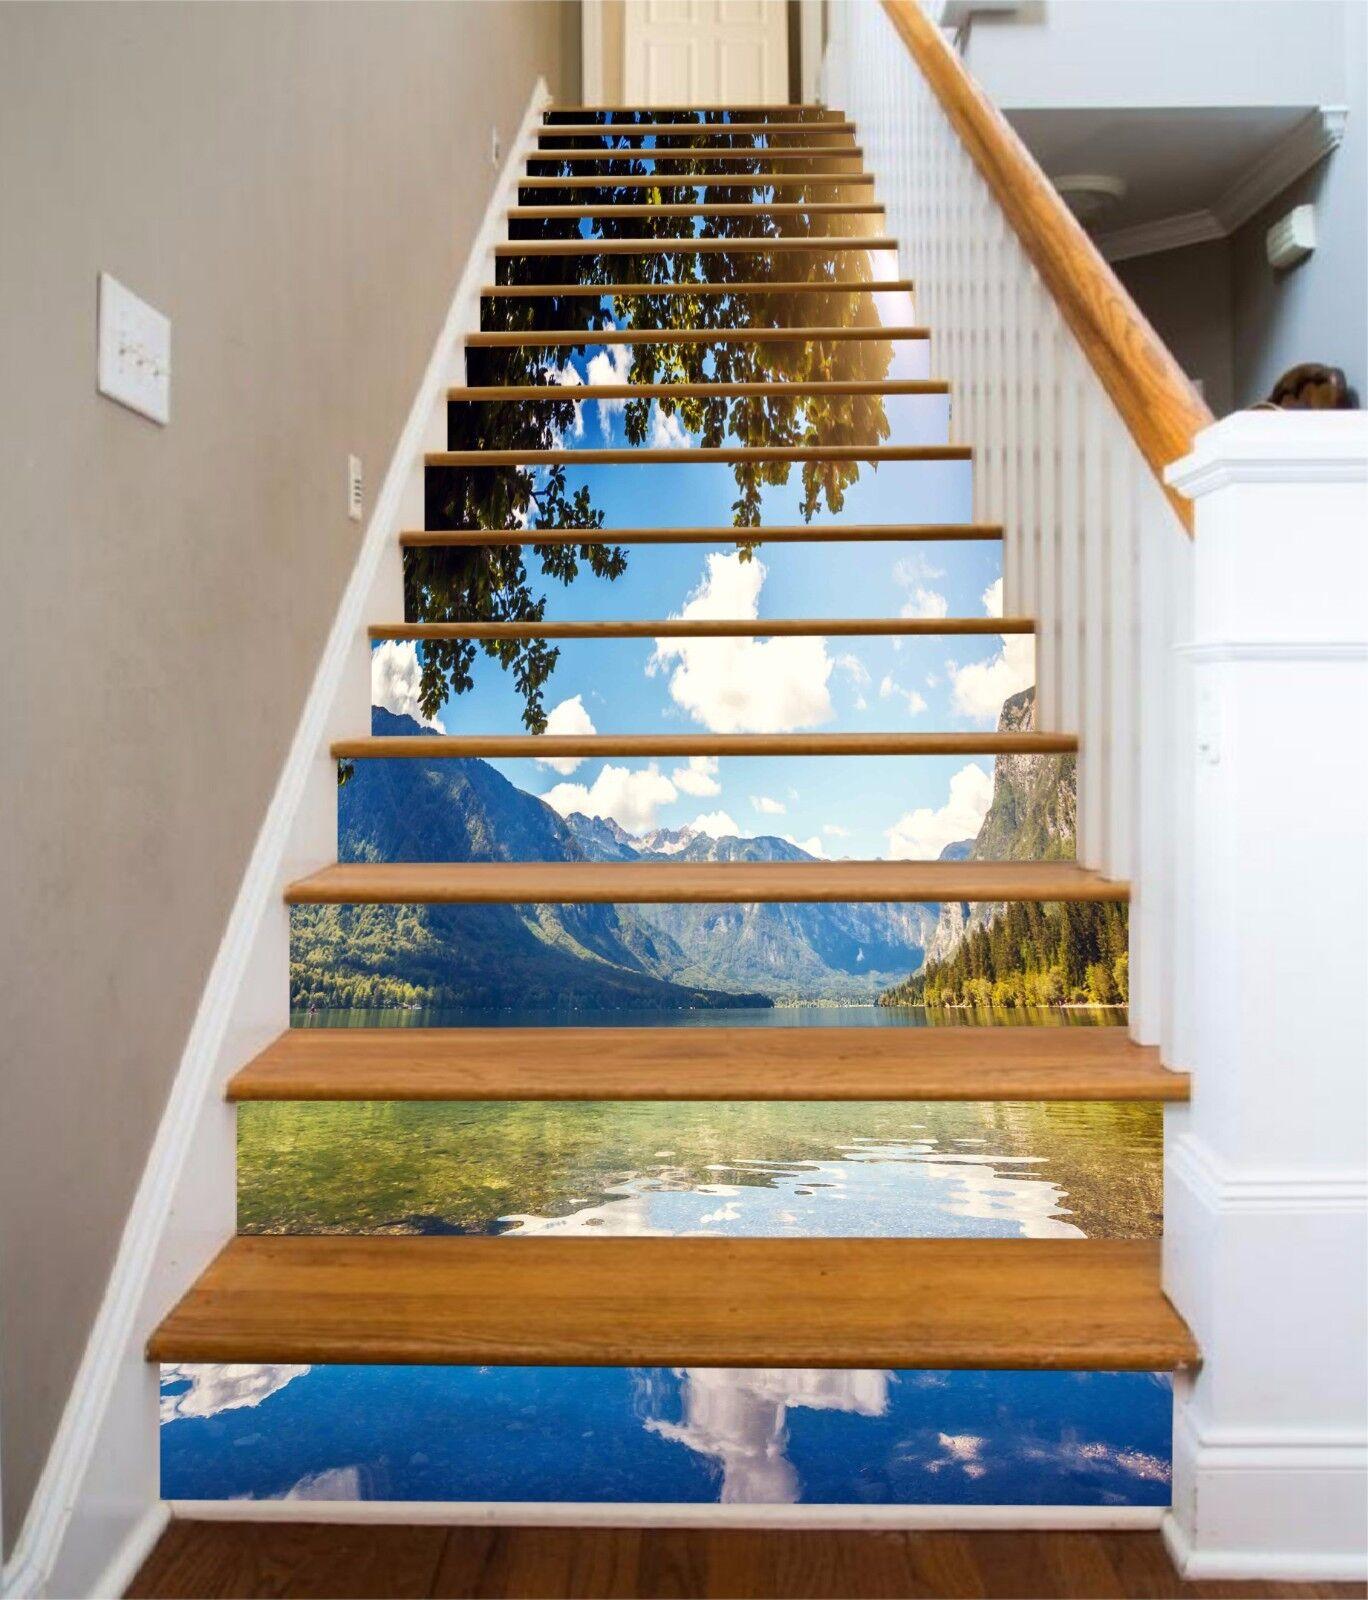 3D Beautiful Lake 9 Stair Risers Decoration Photo Mural Vinyl Decal Wallpaper UK